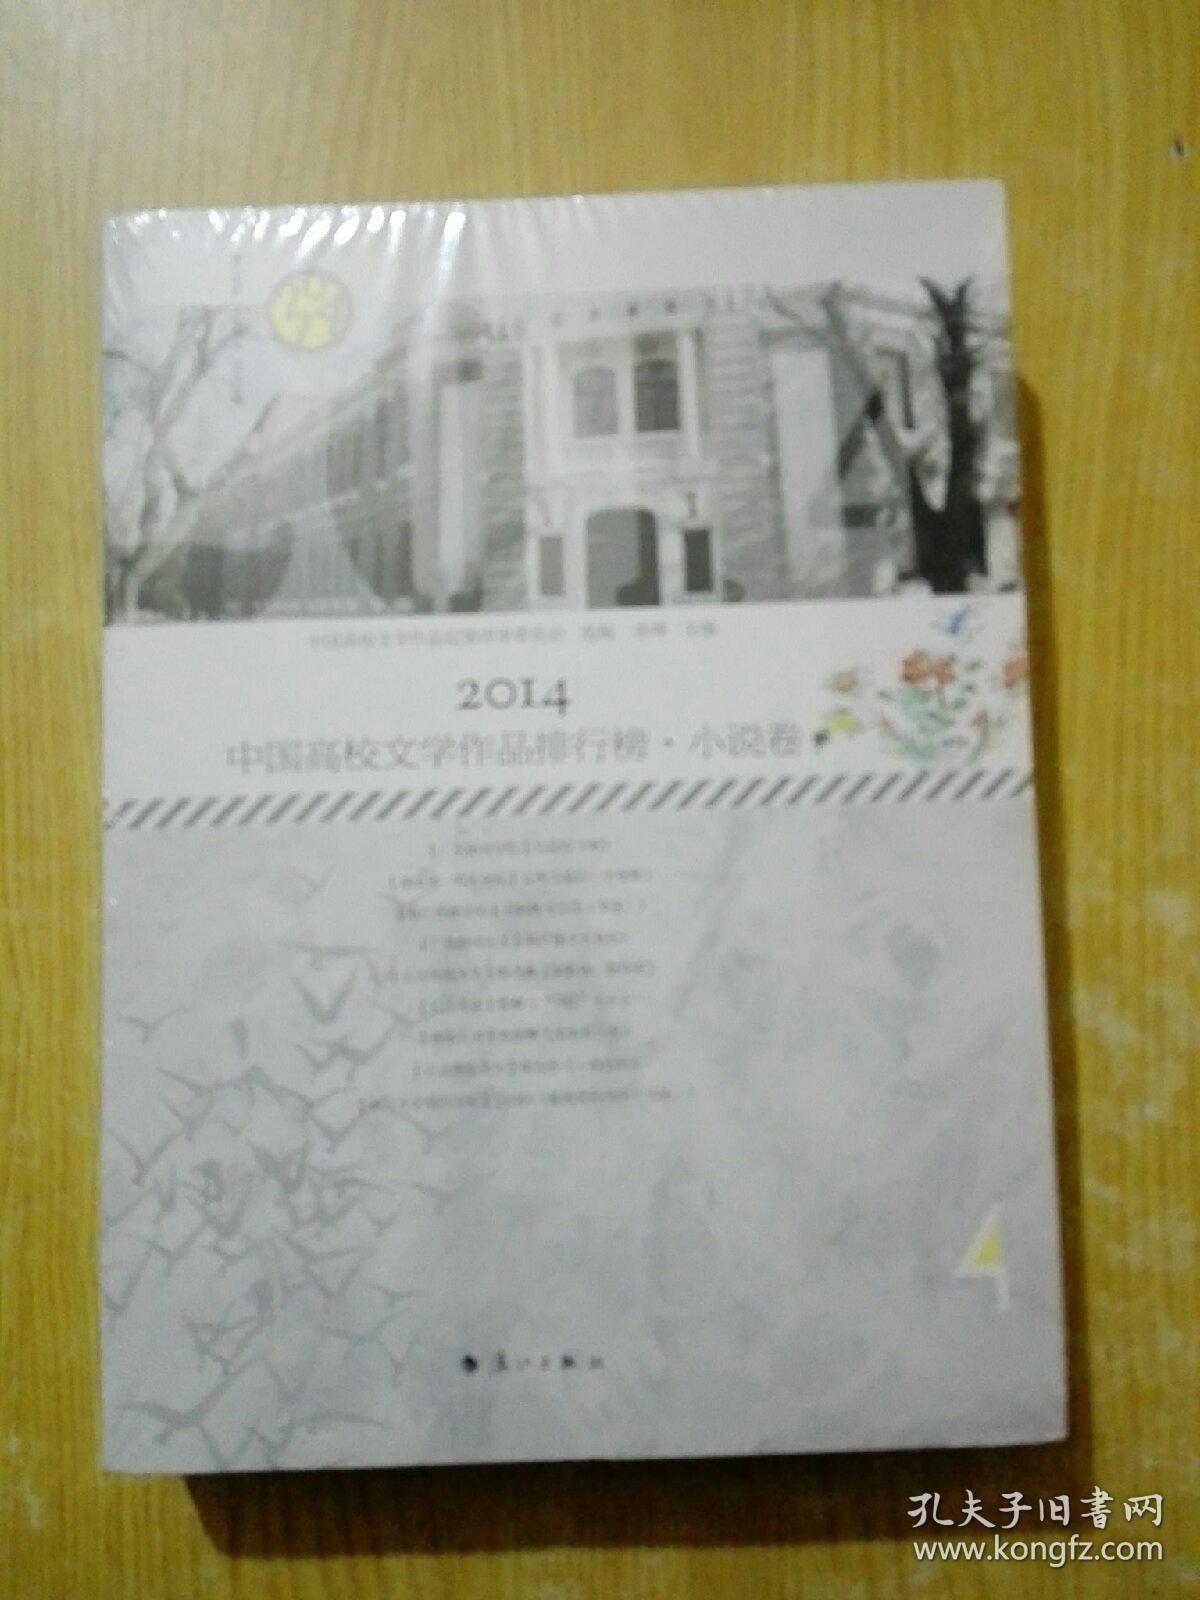 2014中国高校文学作品排行榜·小说卷(上下)(未拆封)